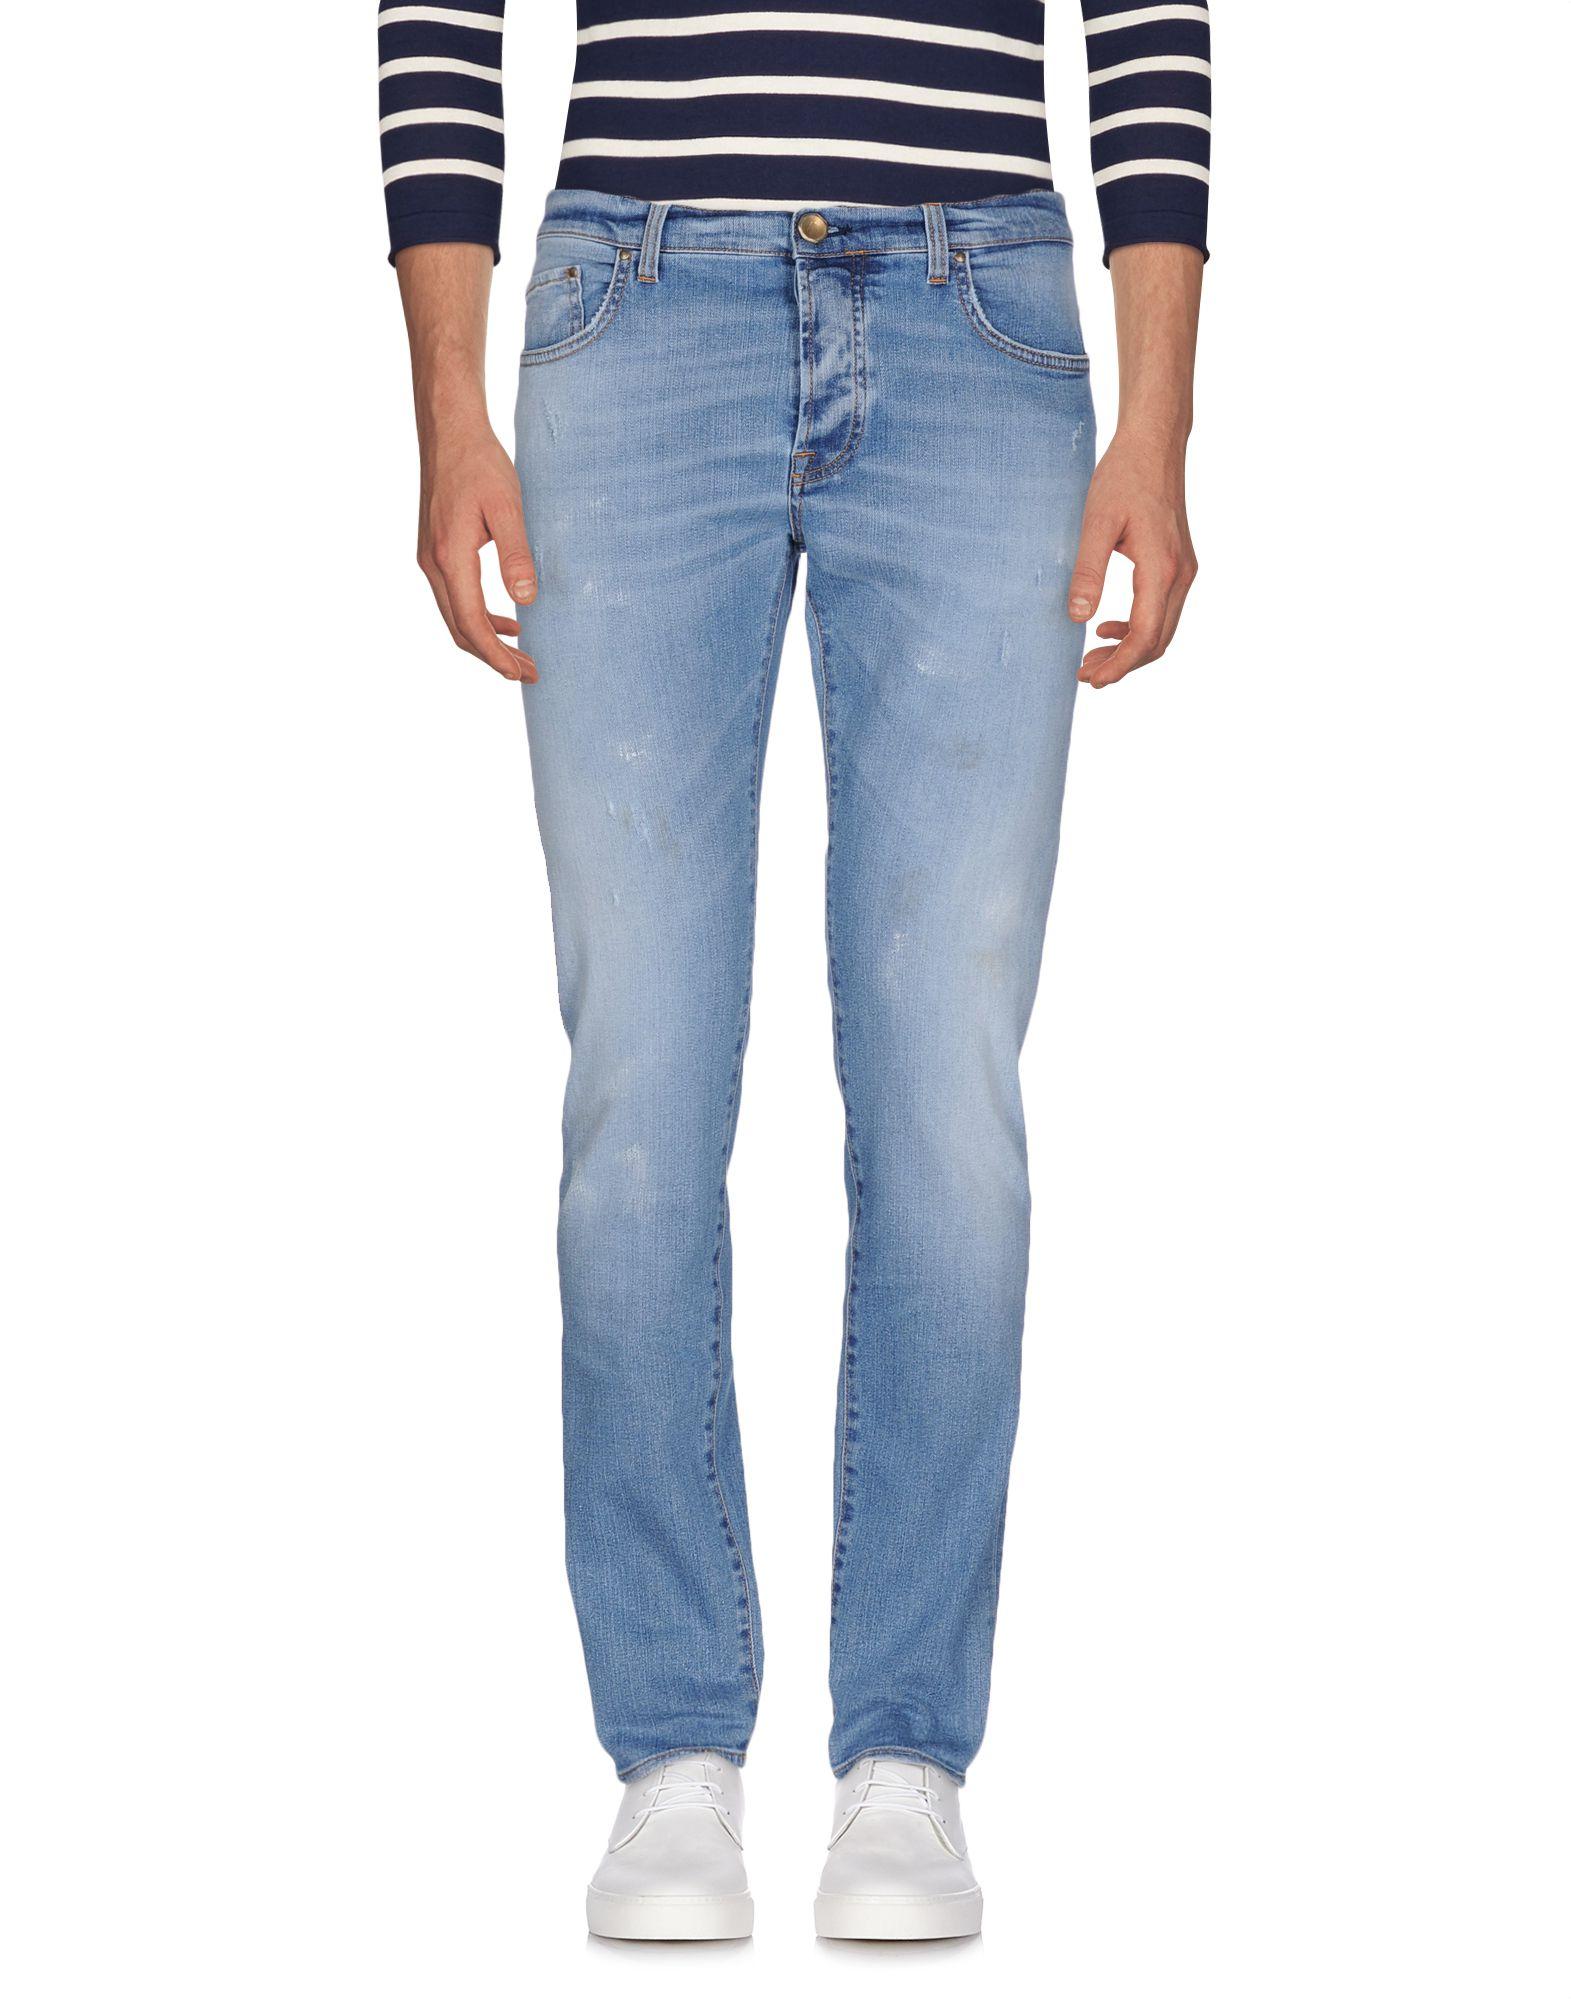 AGLINI Herren Jeanshose Farbe Blau Größe 7